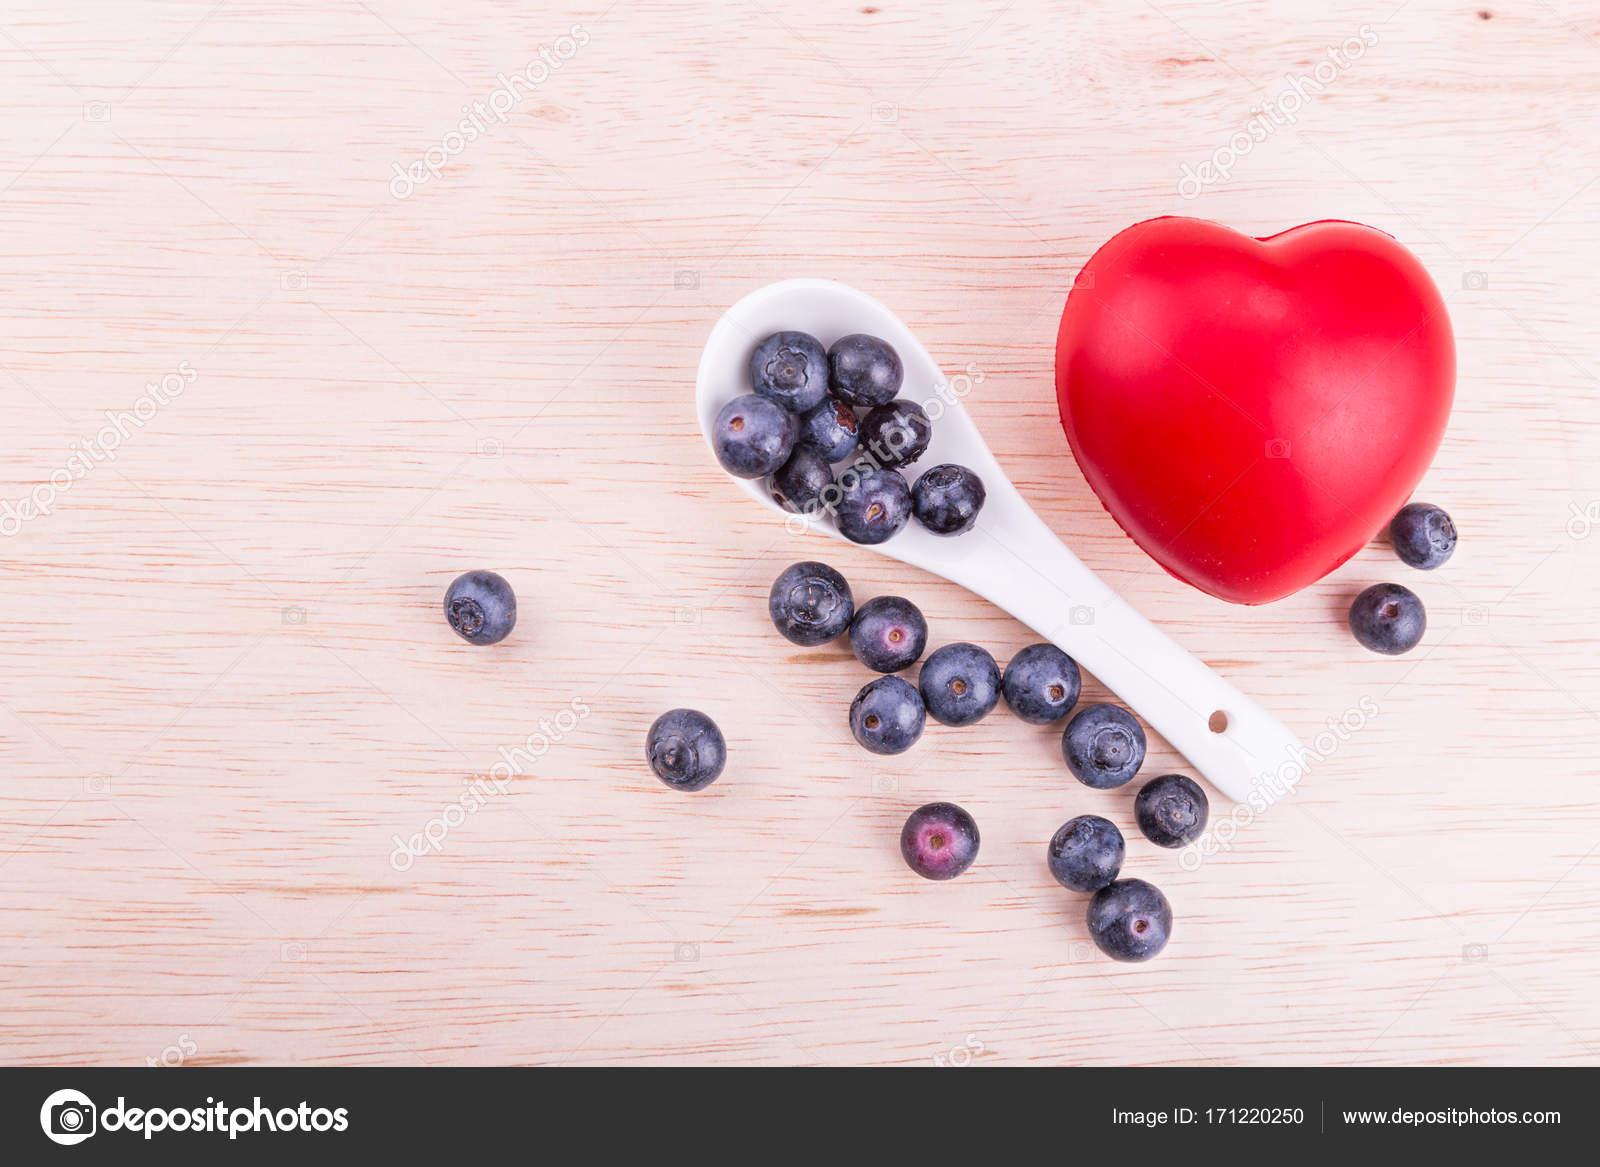 antioxidanter bra för